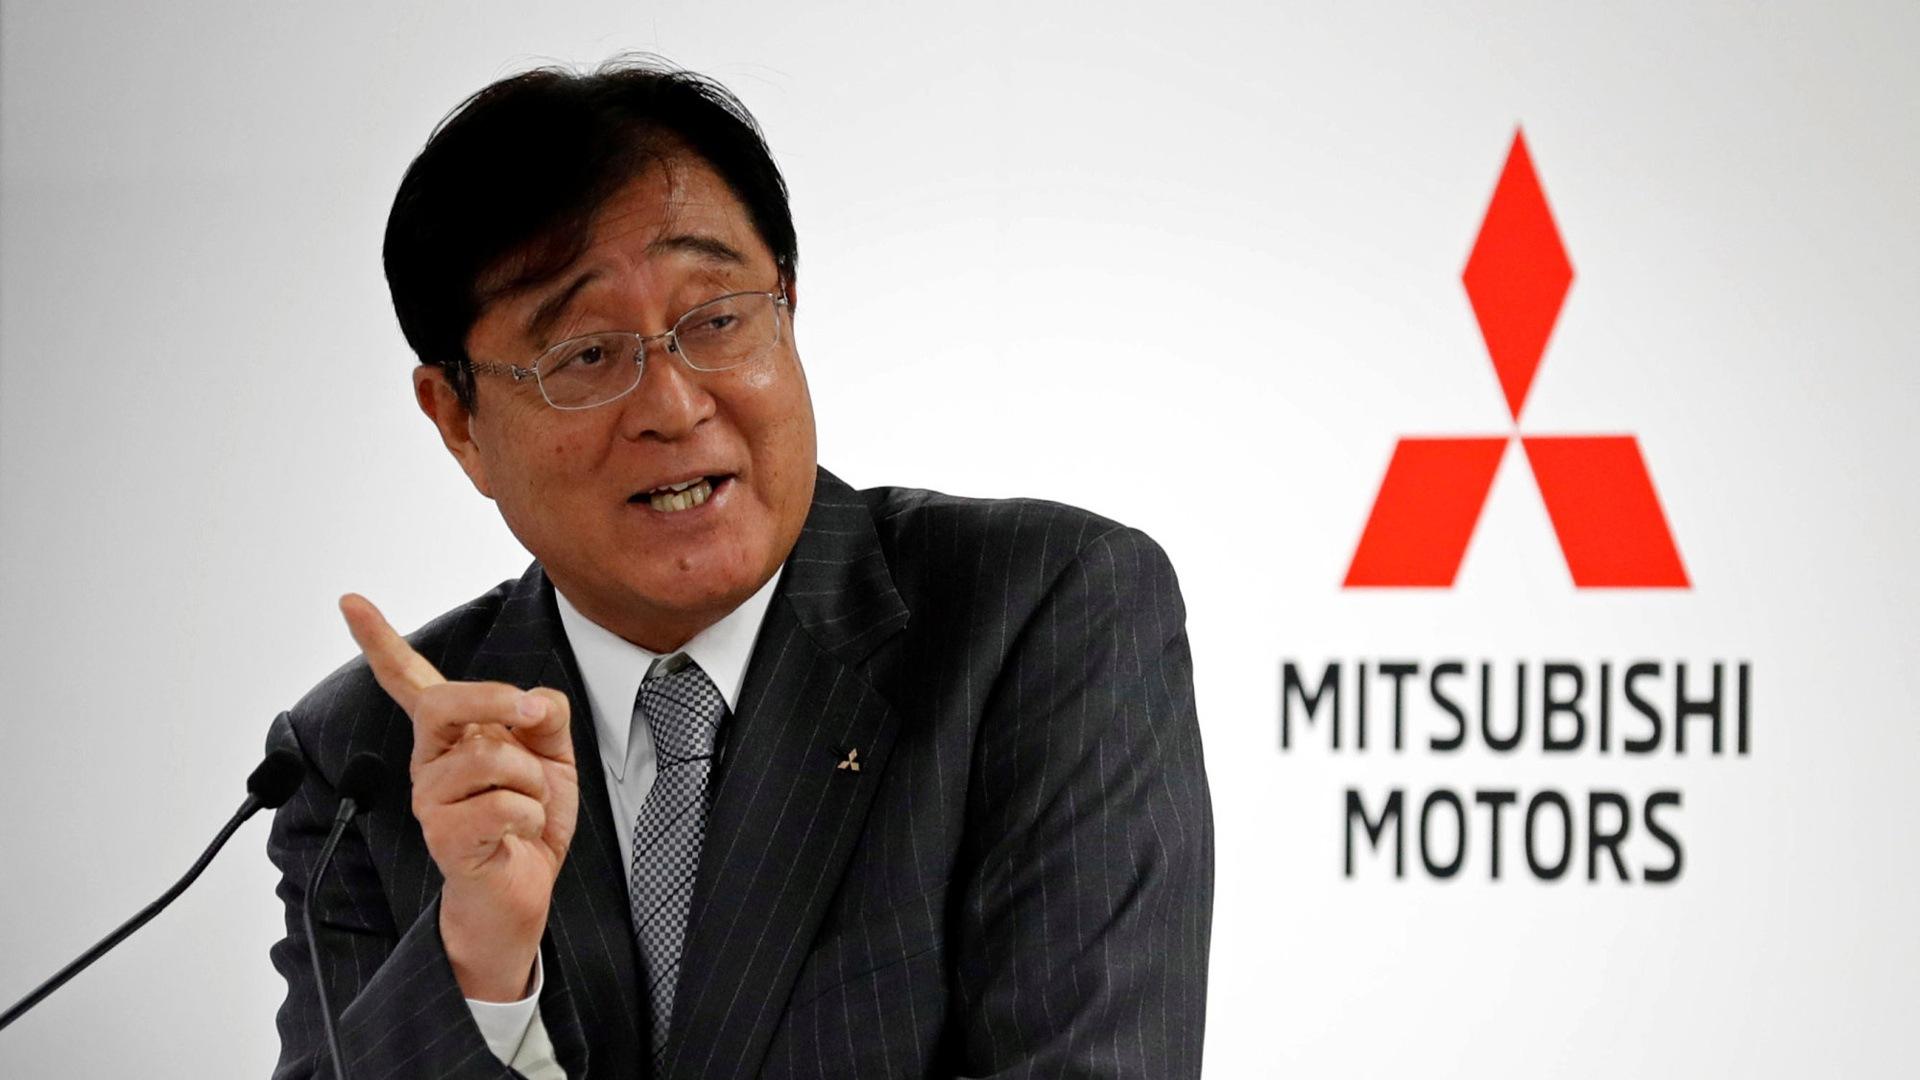 Mitsubishi Osamu Masuko